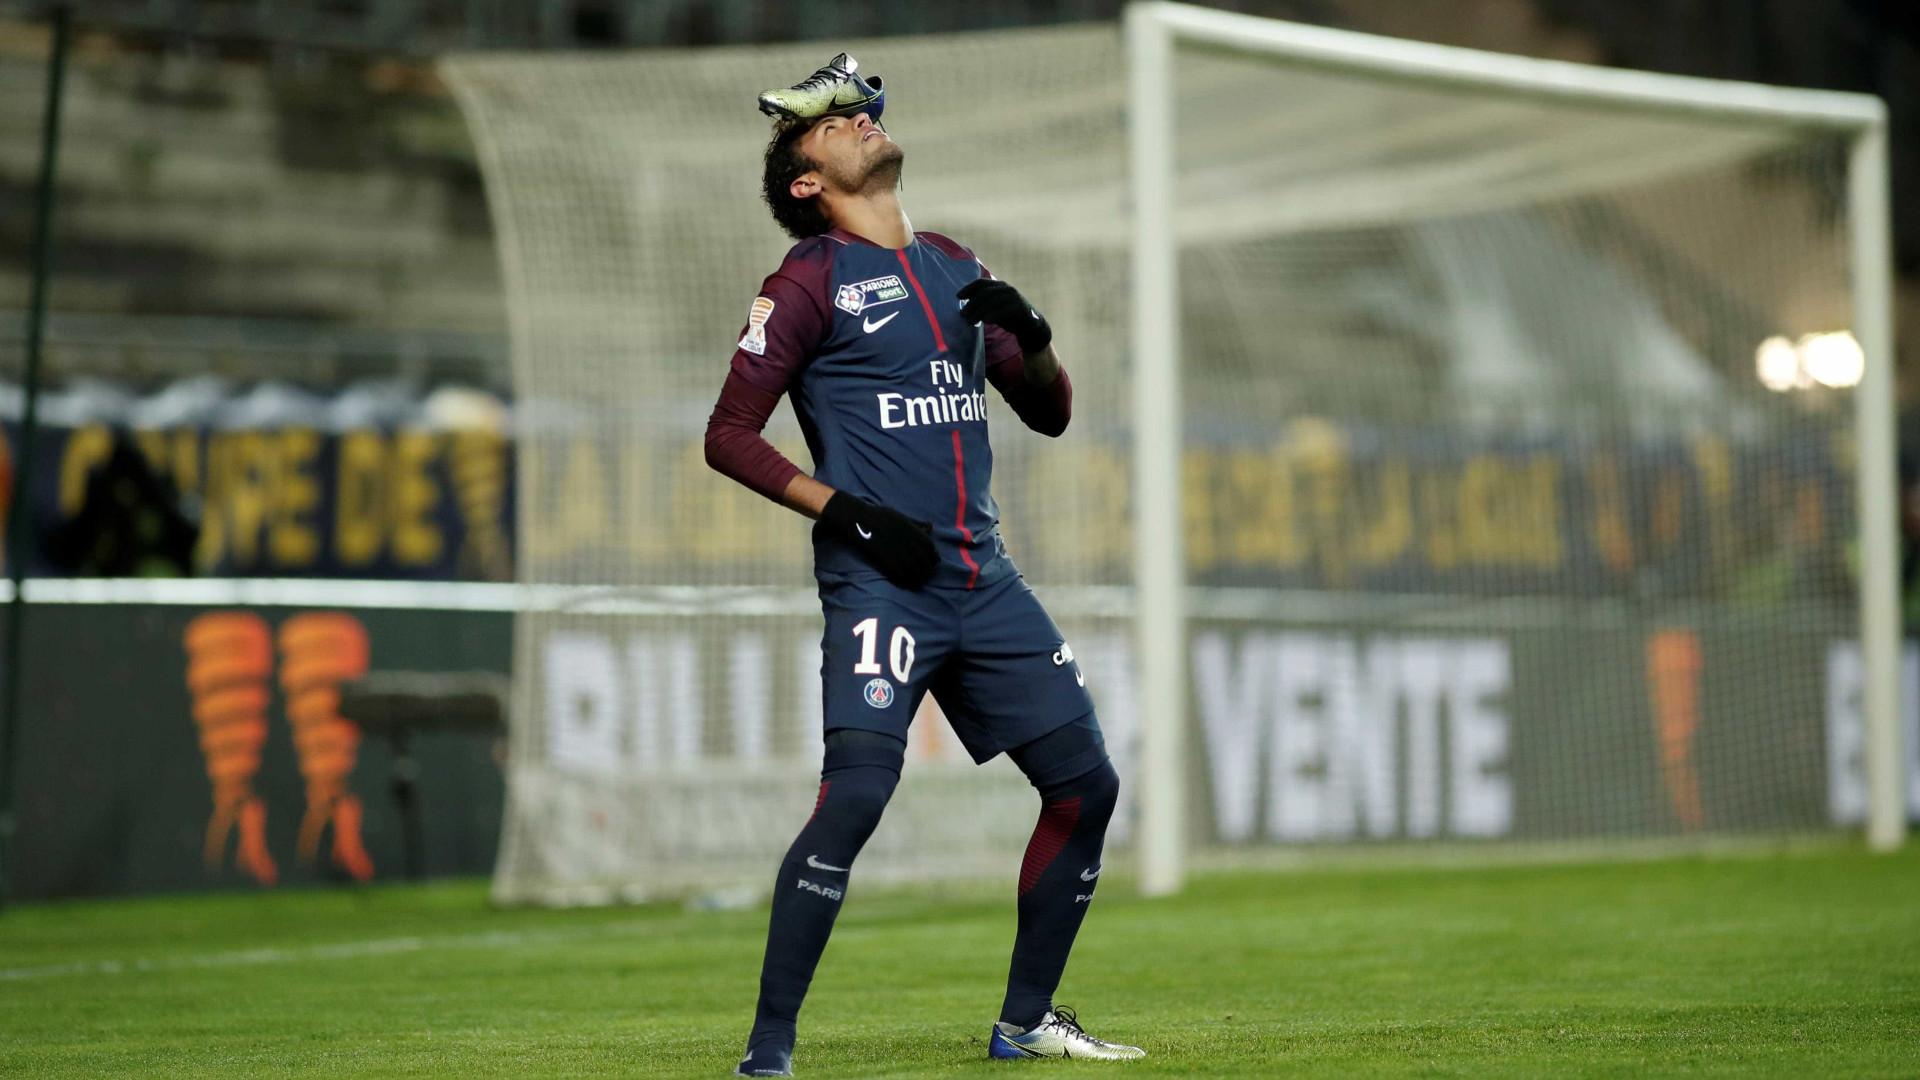 Festejo de Neymar já corre mundo. Eis a explicação